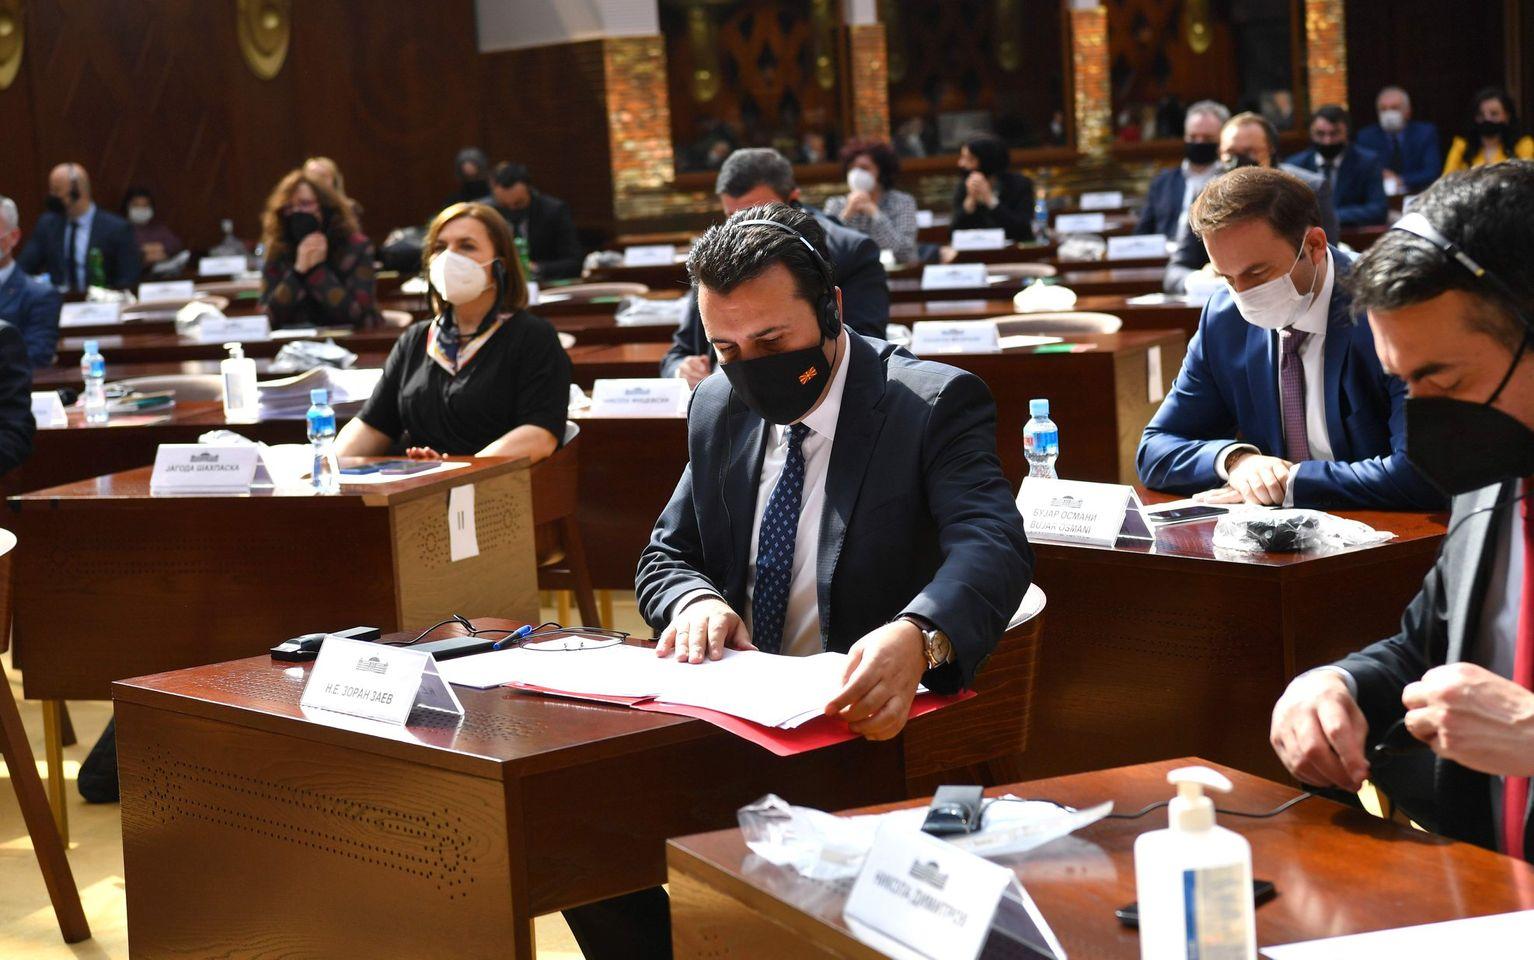 Претседателот на Владата на Република Македонија, Зоран Заев, објави нови инвестиции во државава, на седницата за пратенички прашања во Парламентот